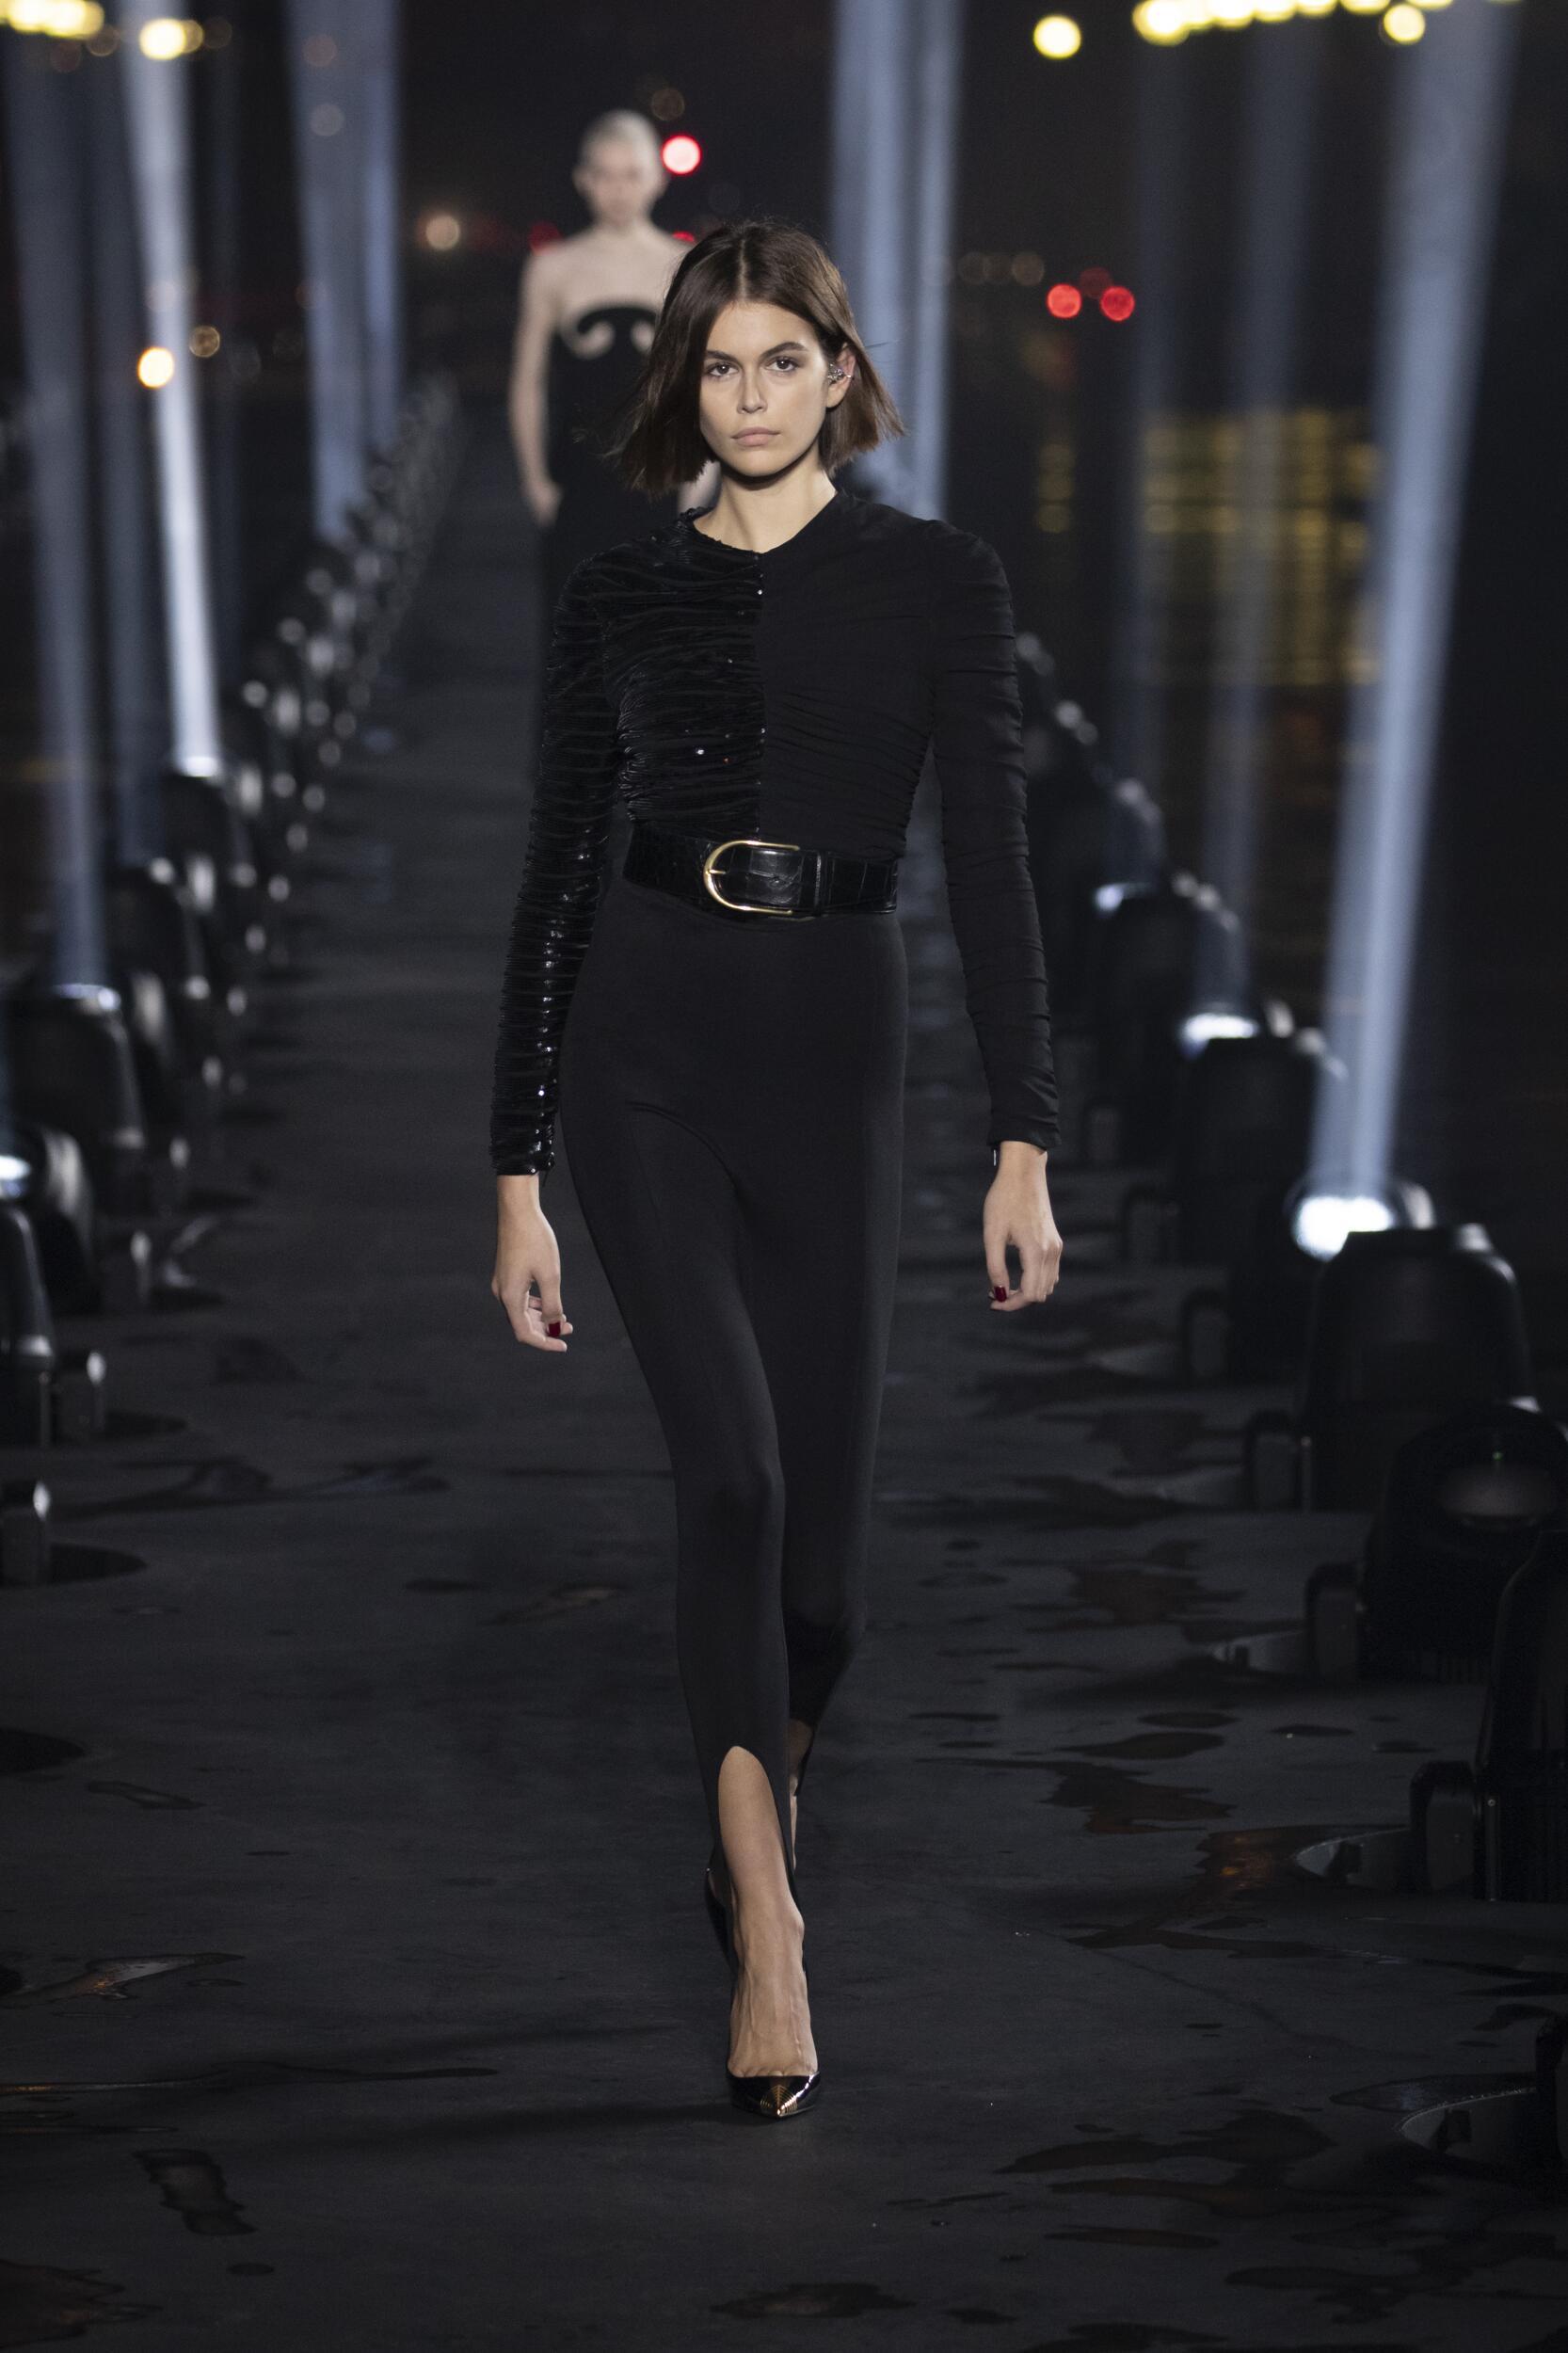 Woman SS 2020 Saint Laurent Show Paris Fashion Week